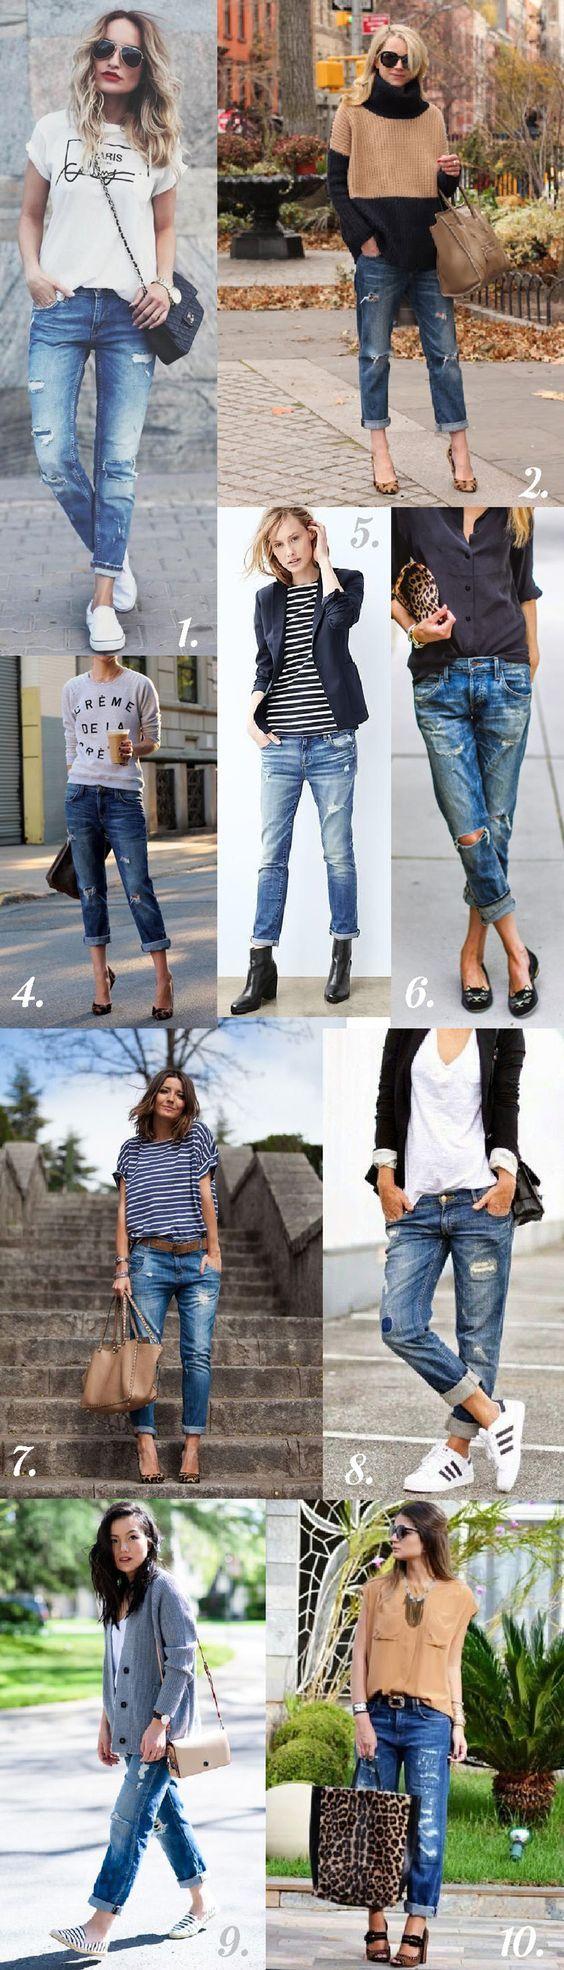 Los #BoyfriendJeans seguirán siendo tendencia en el 2017. Estos #Outfits te inspirarán para saber cómo vestirlos. #OutfitIdeas #OutfitsConBoyfriendJeans #StreetStyle